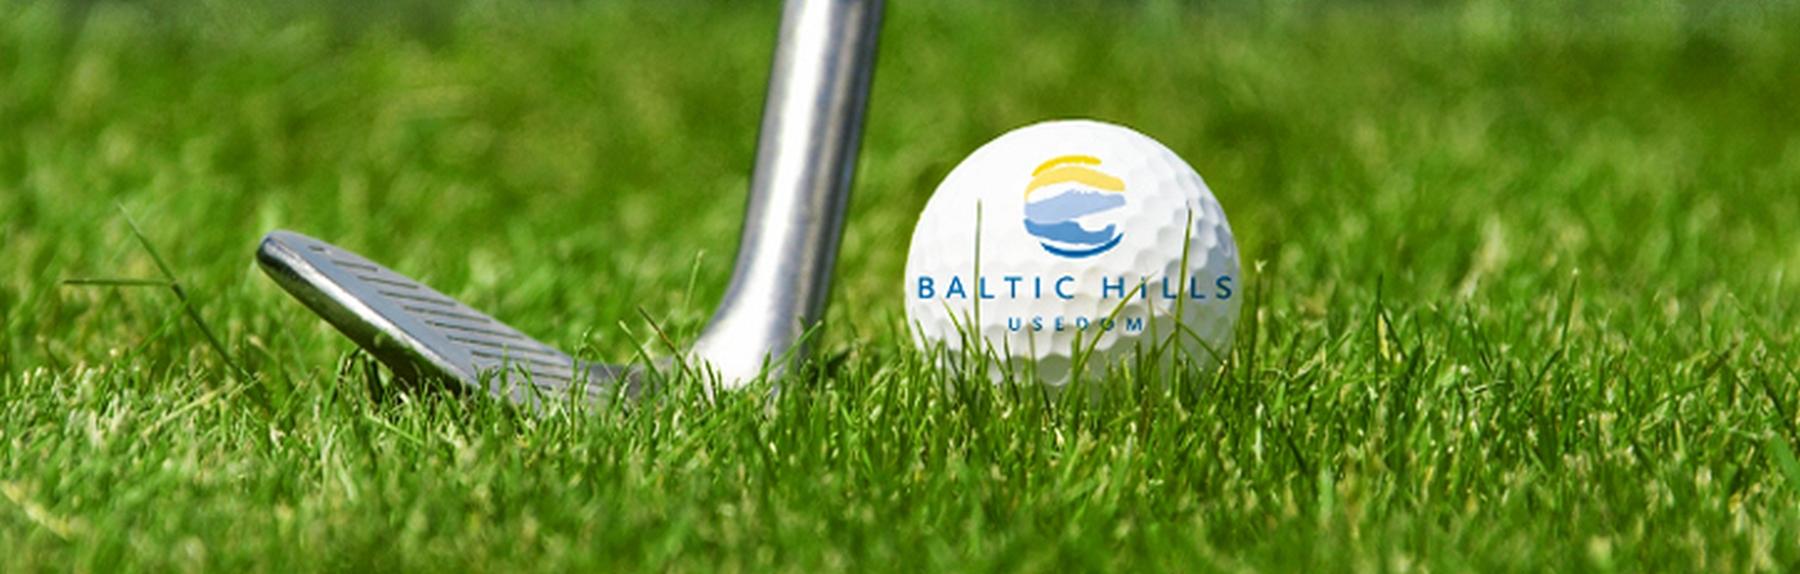 baltic hills golf usedom golftester. Black Bedroom Furniture Sets. Home Design Ideas